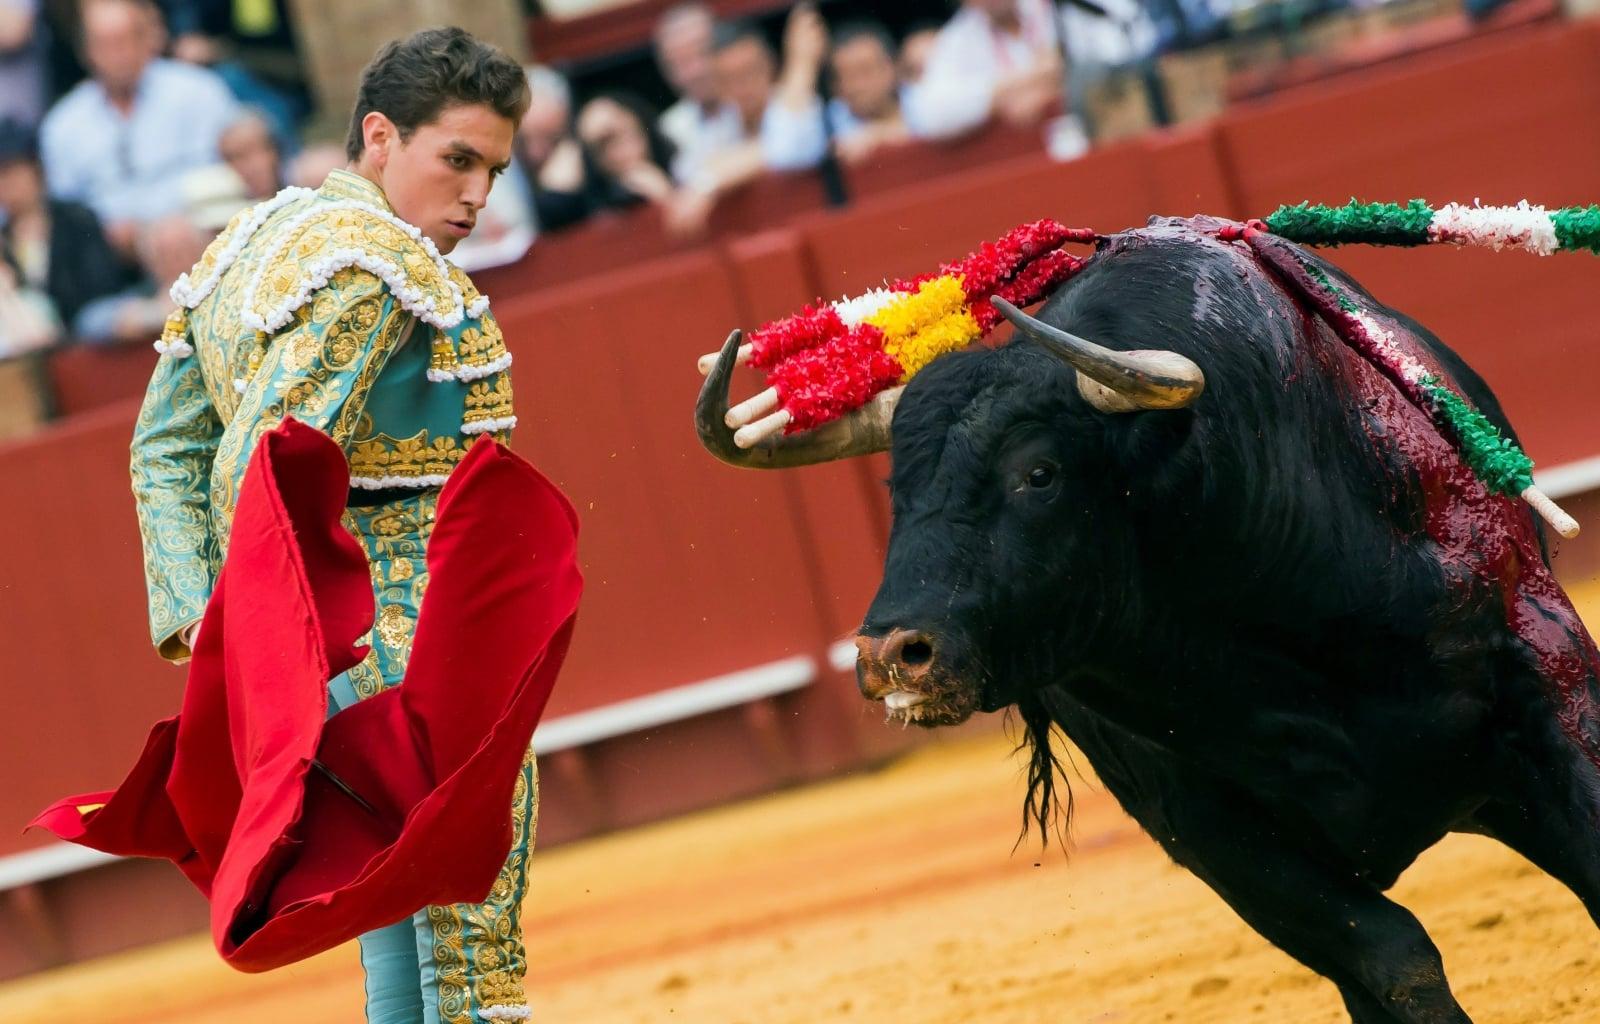 Hiszpański torreador Gines Marin w czasie walki z bykiem, Sewilla, Hiszpania.